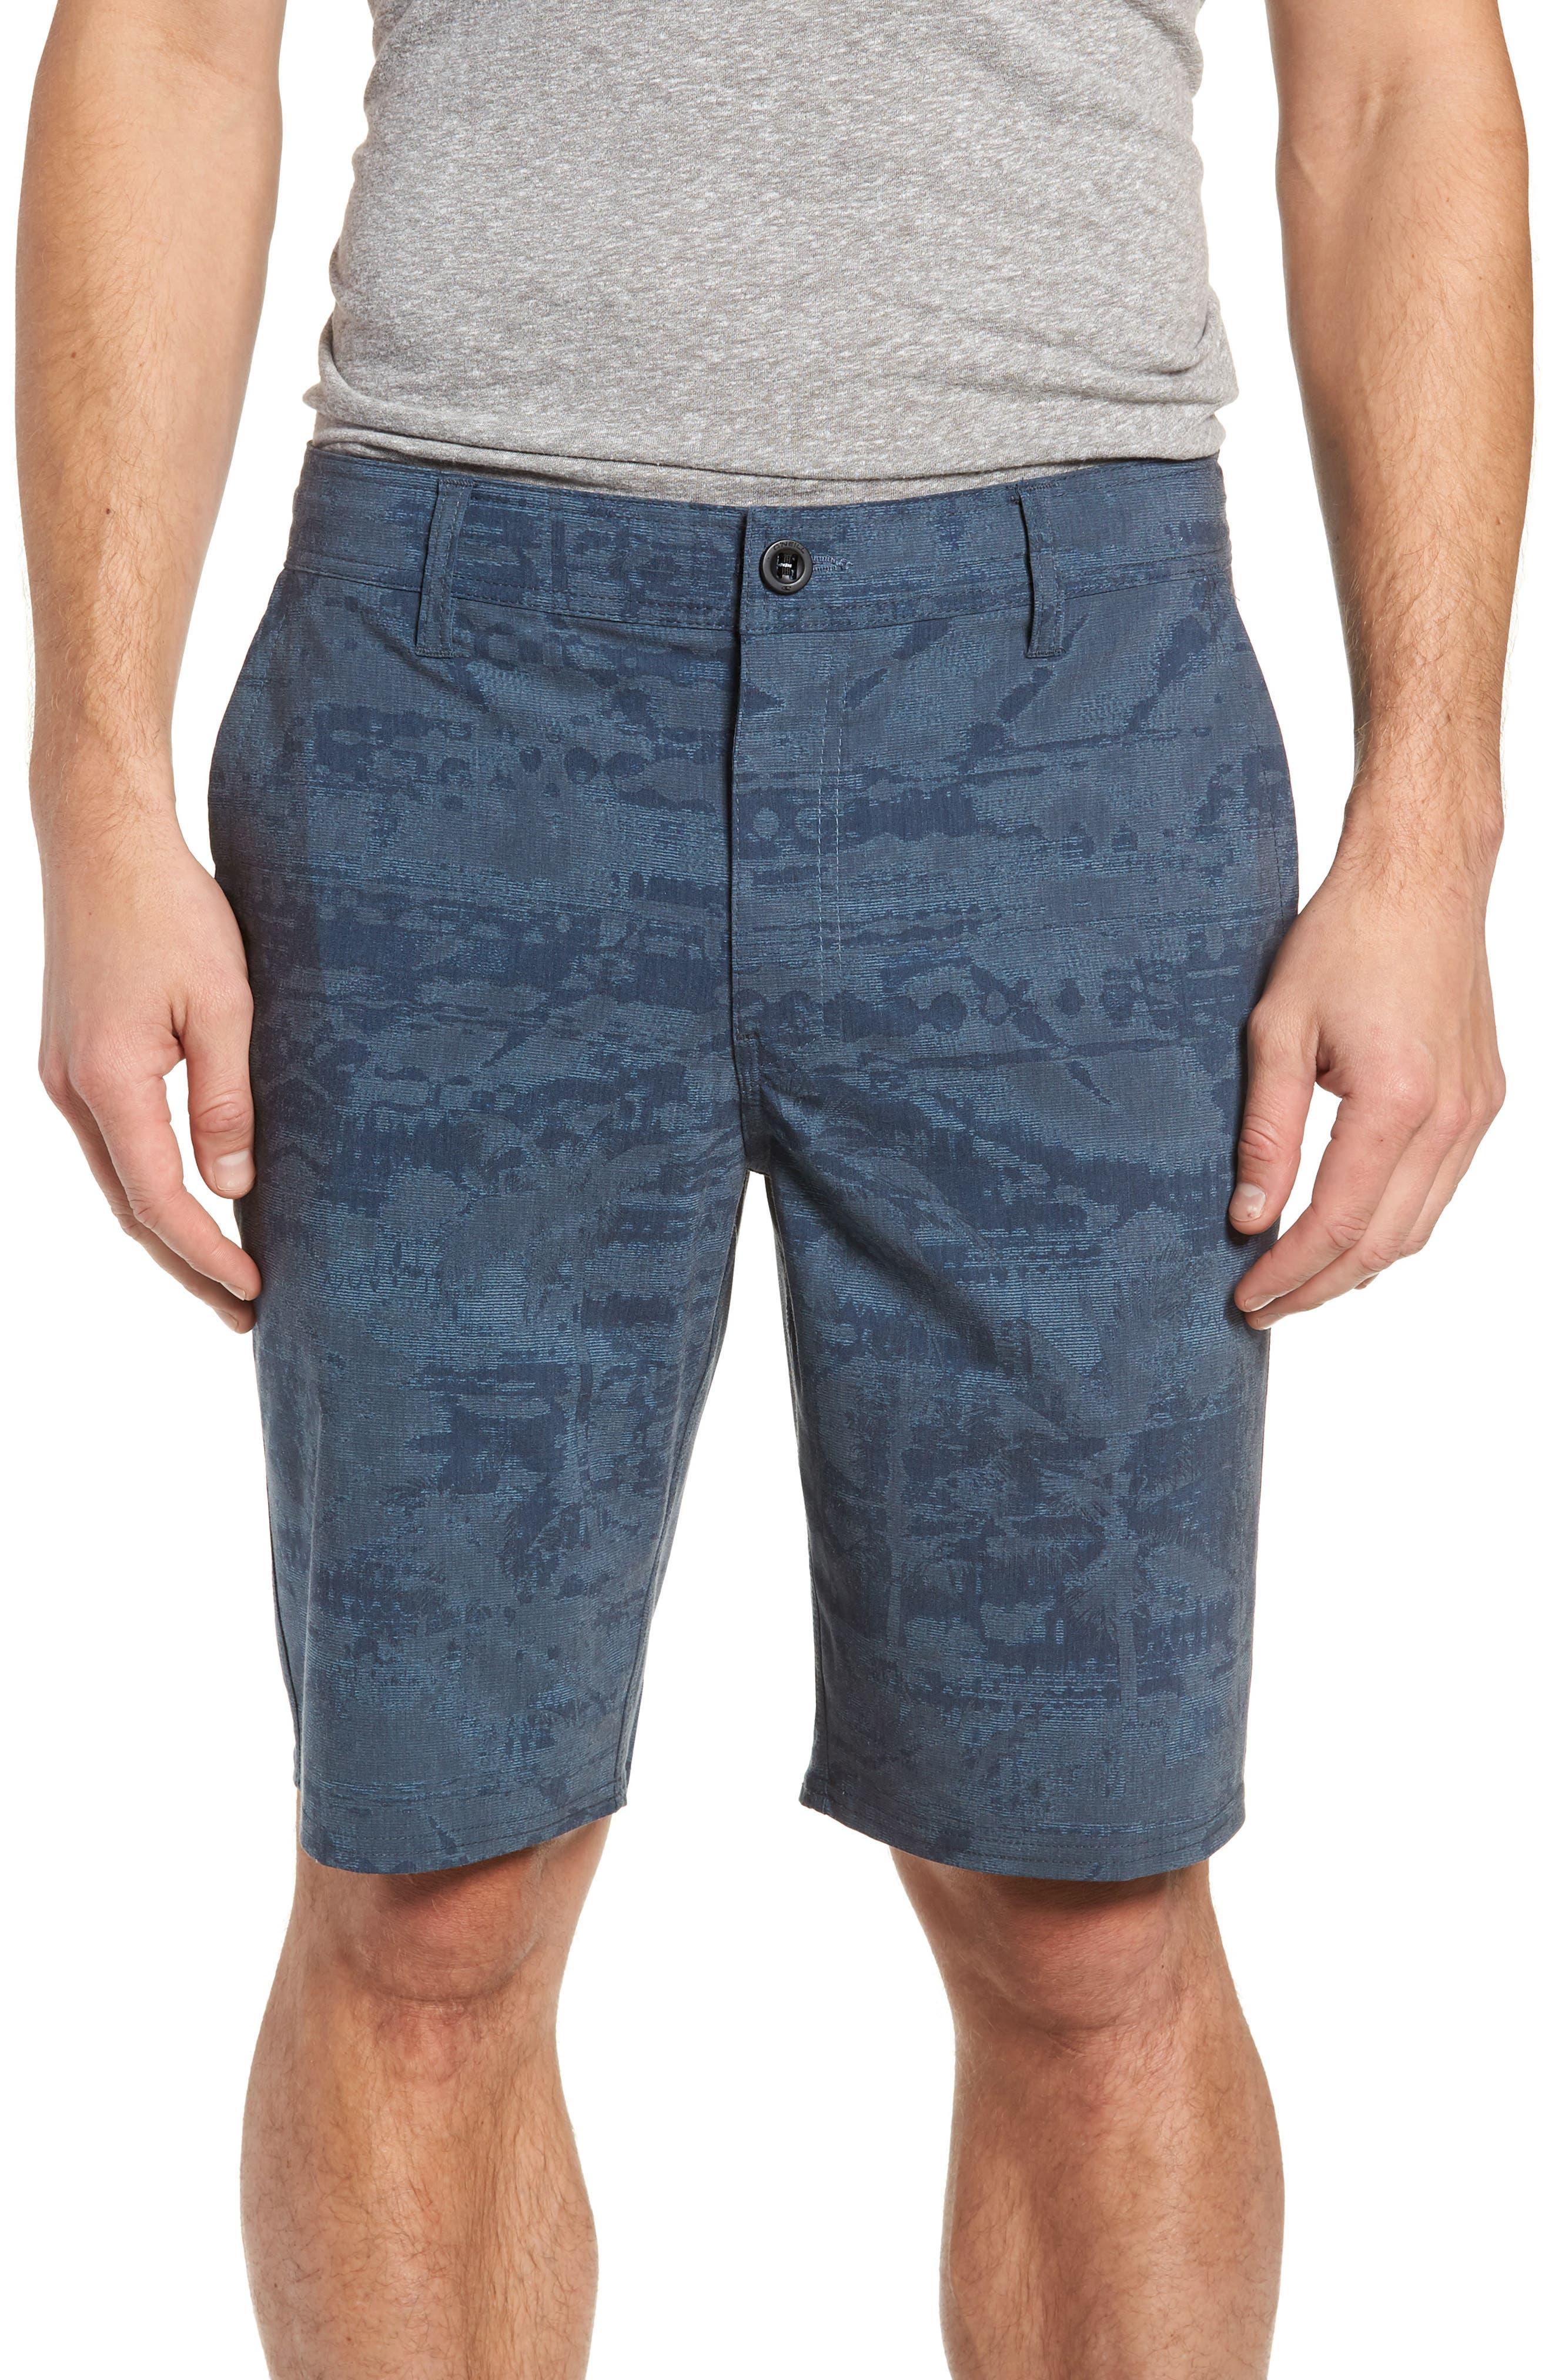 Mixed Hybrid Shorts,                             Main thumbnail 1, color,                             NAVY